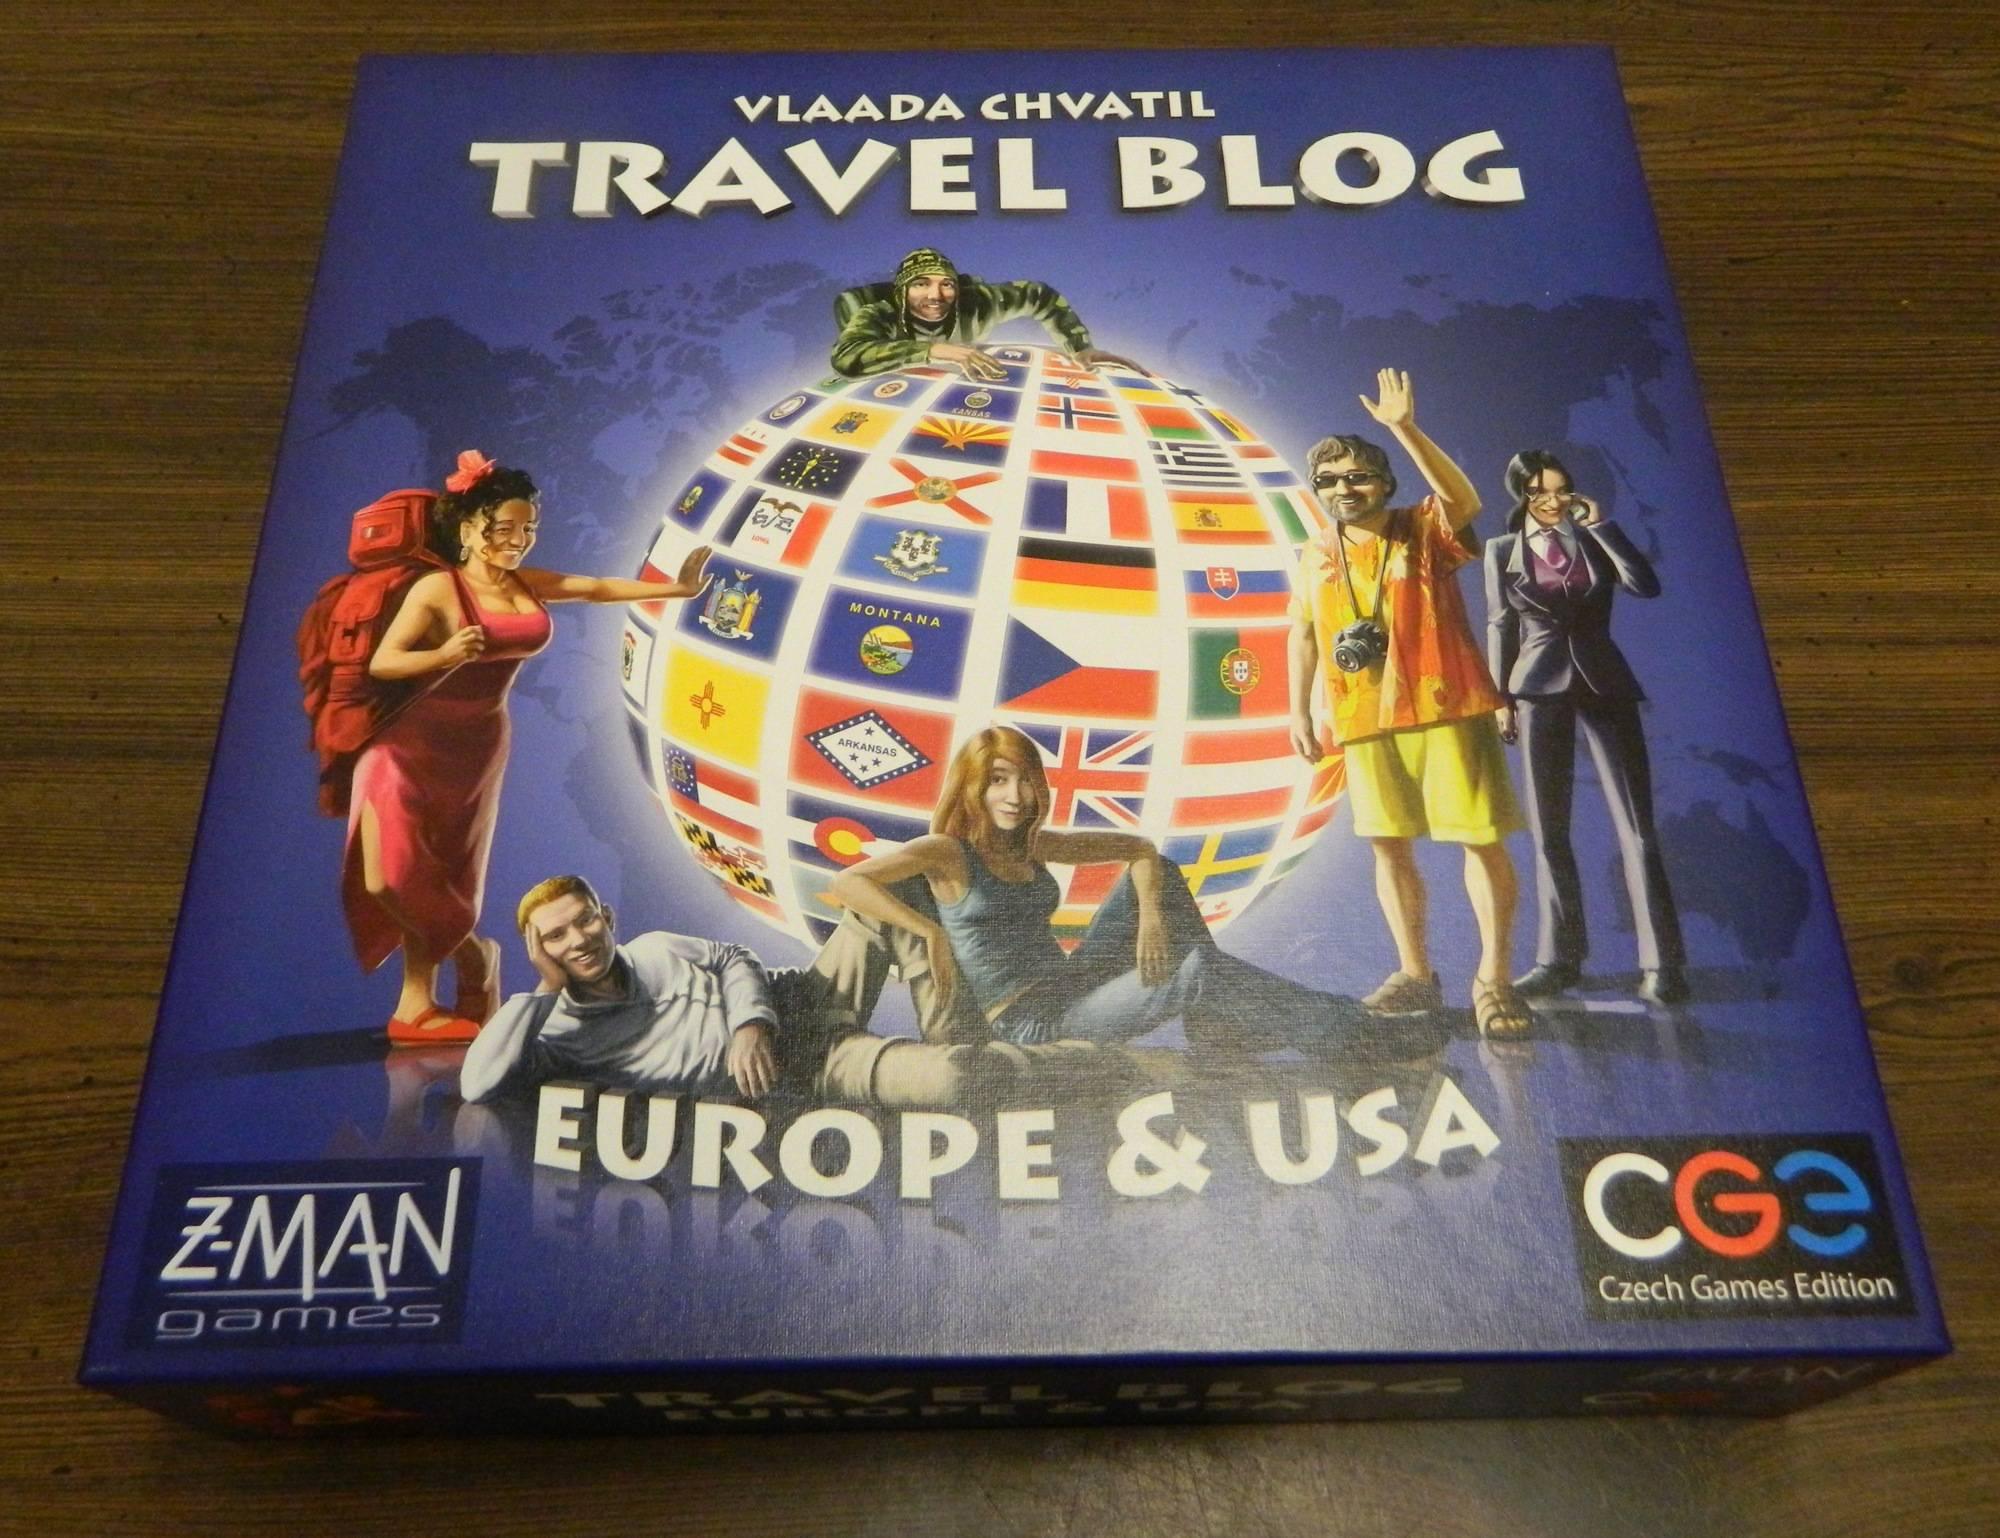 Box for Travel Blog